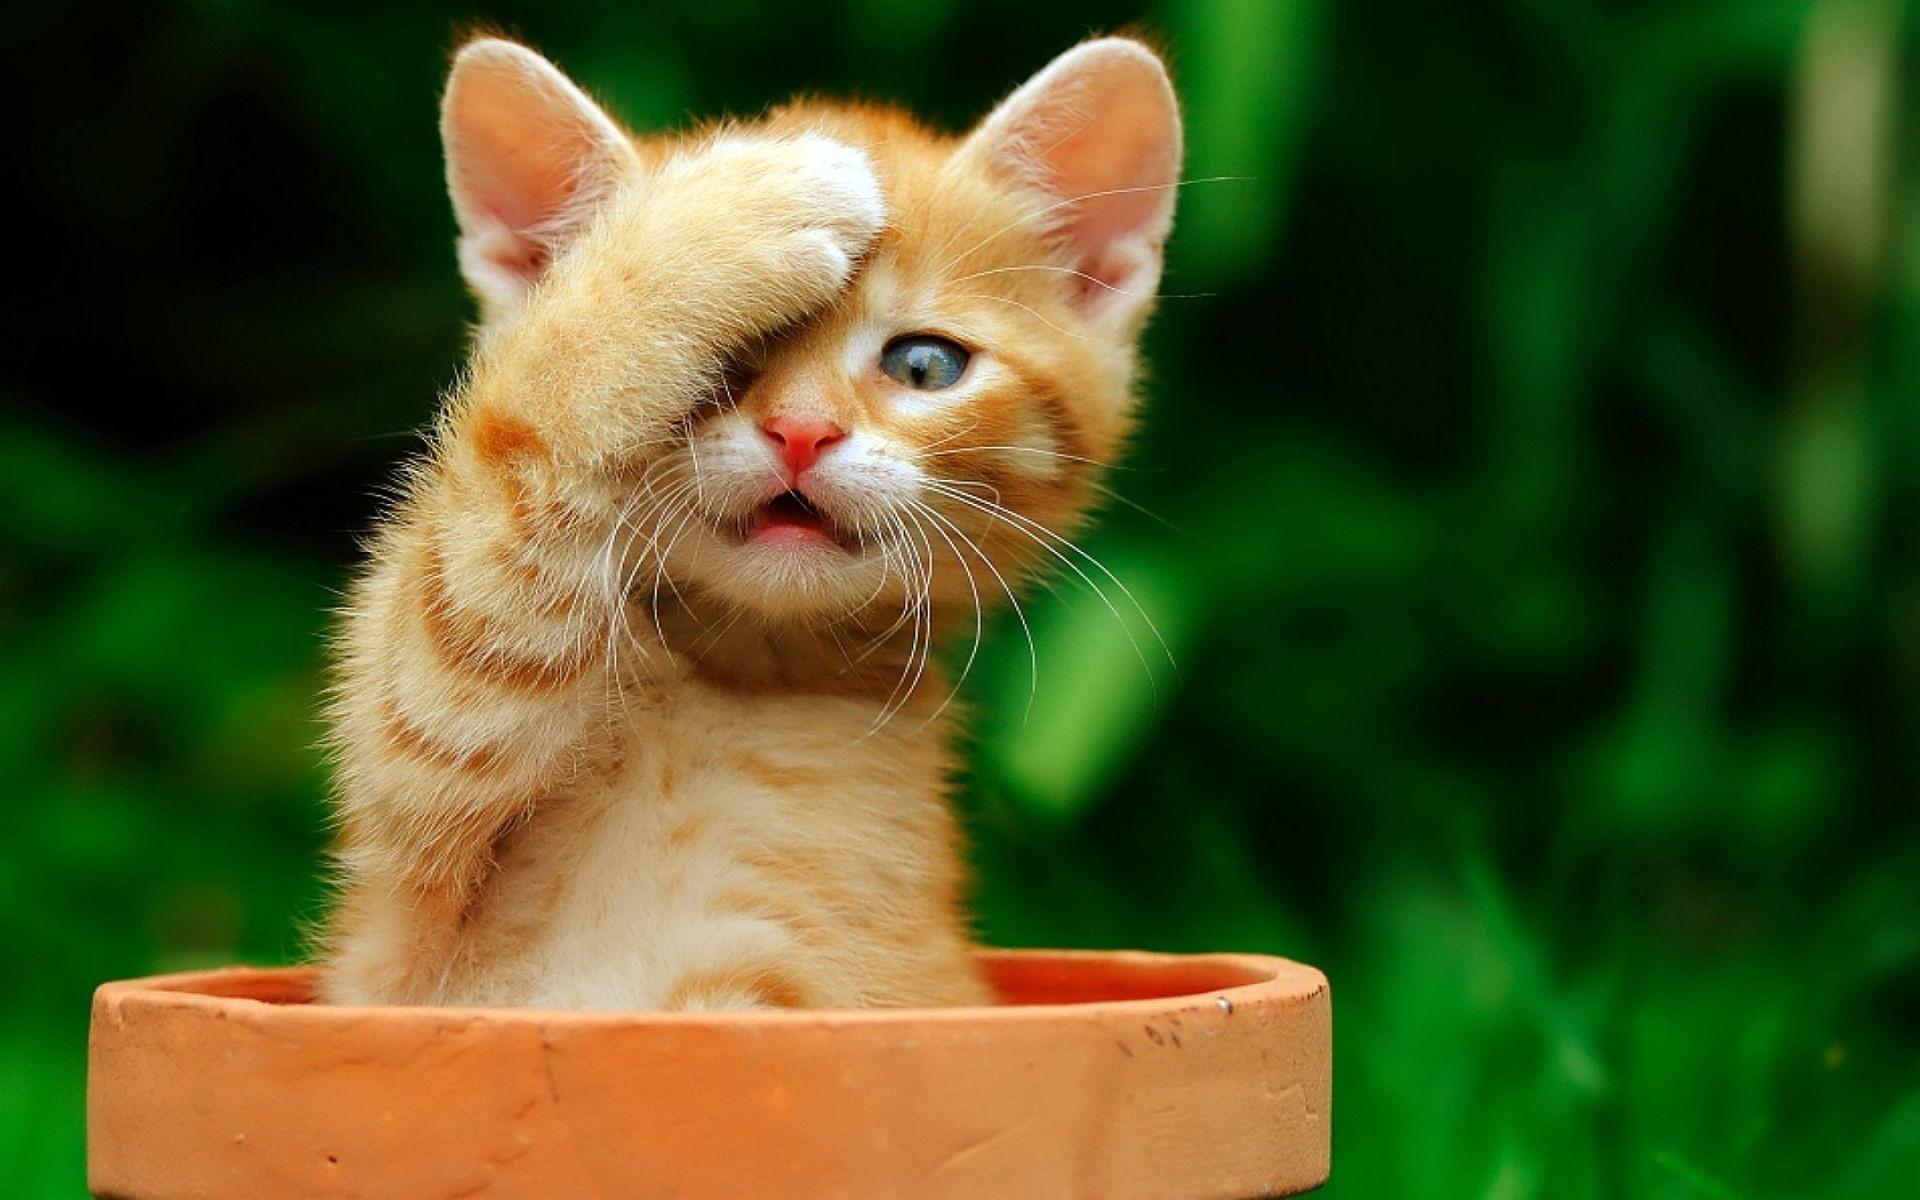 Surprised Kitten Wallpa…